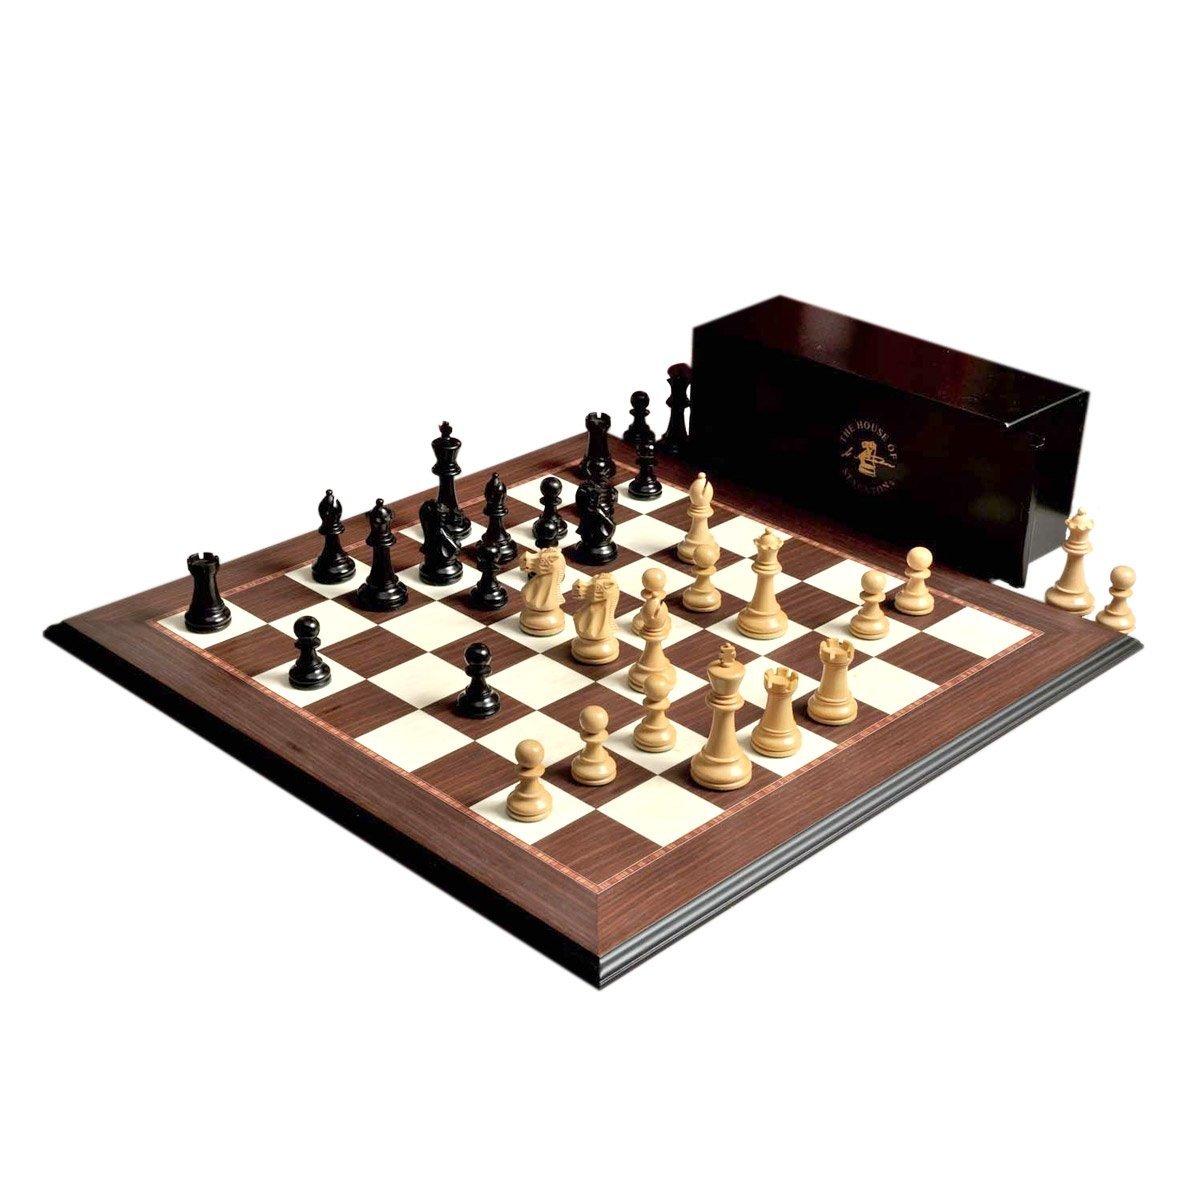 The House of Staunton ワイルドナイトシリーズ チェスセット ボックス ボードの組み合わせ 3.75インチ キング 黒檀 B01N7MFDUK